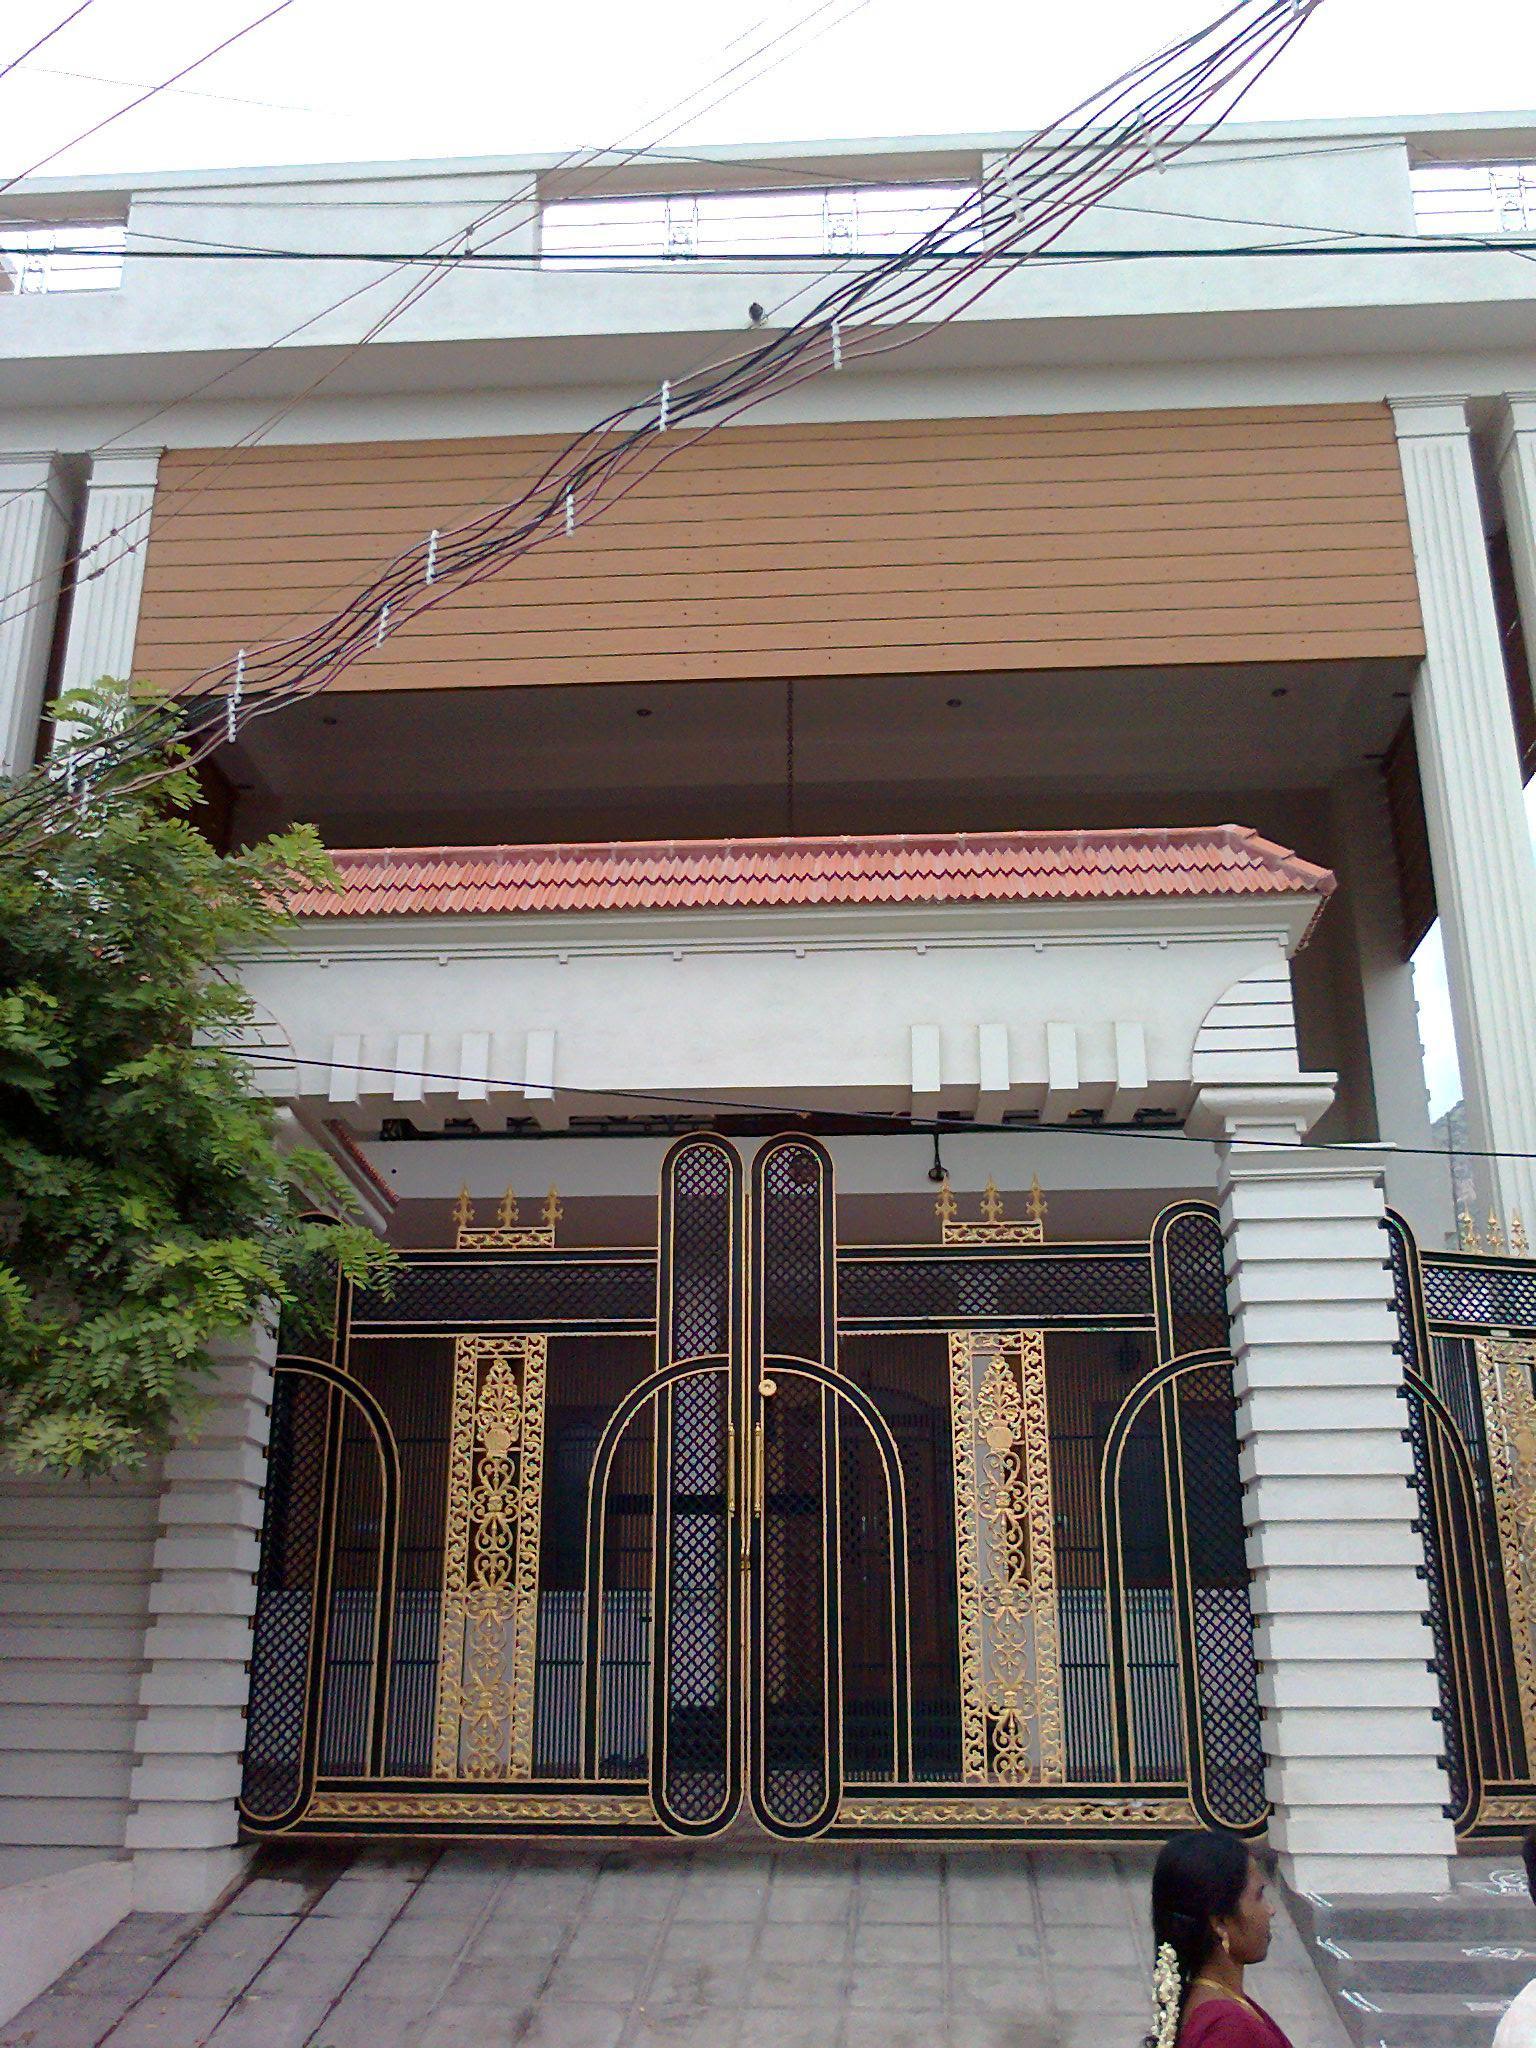 Main Entrance Gate Design For Home Gharexpert